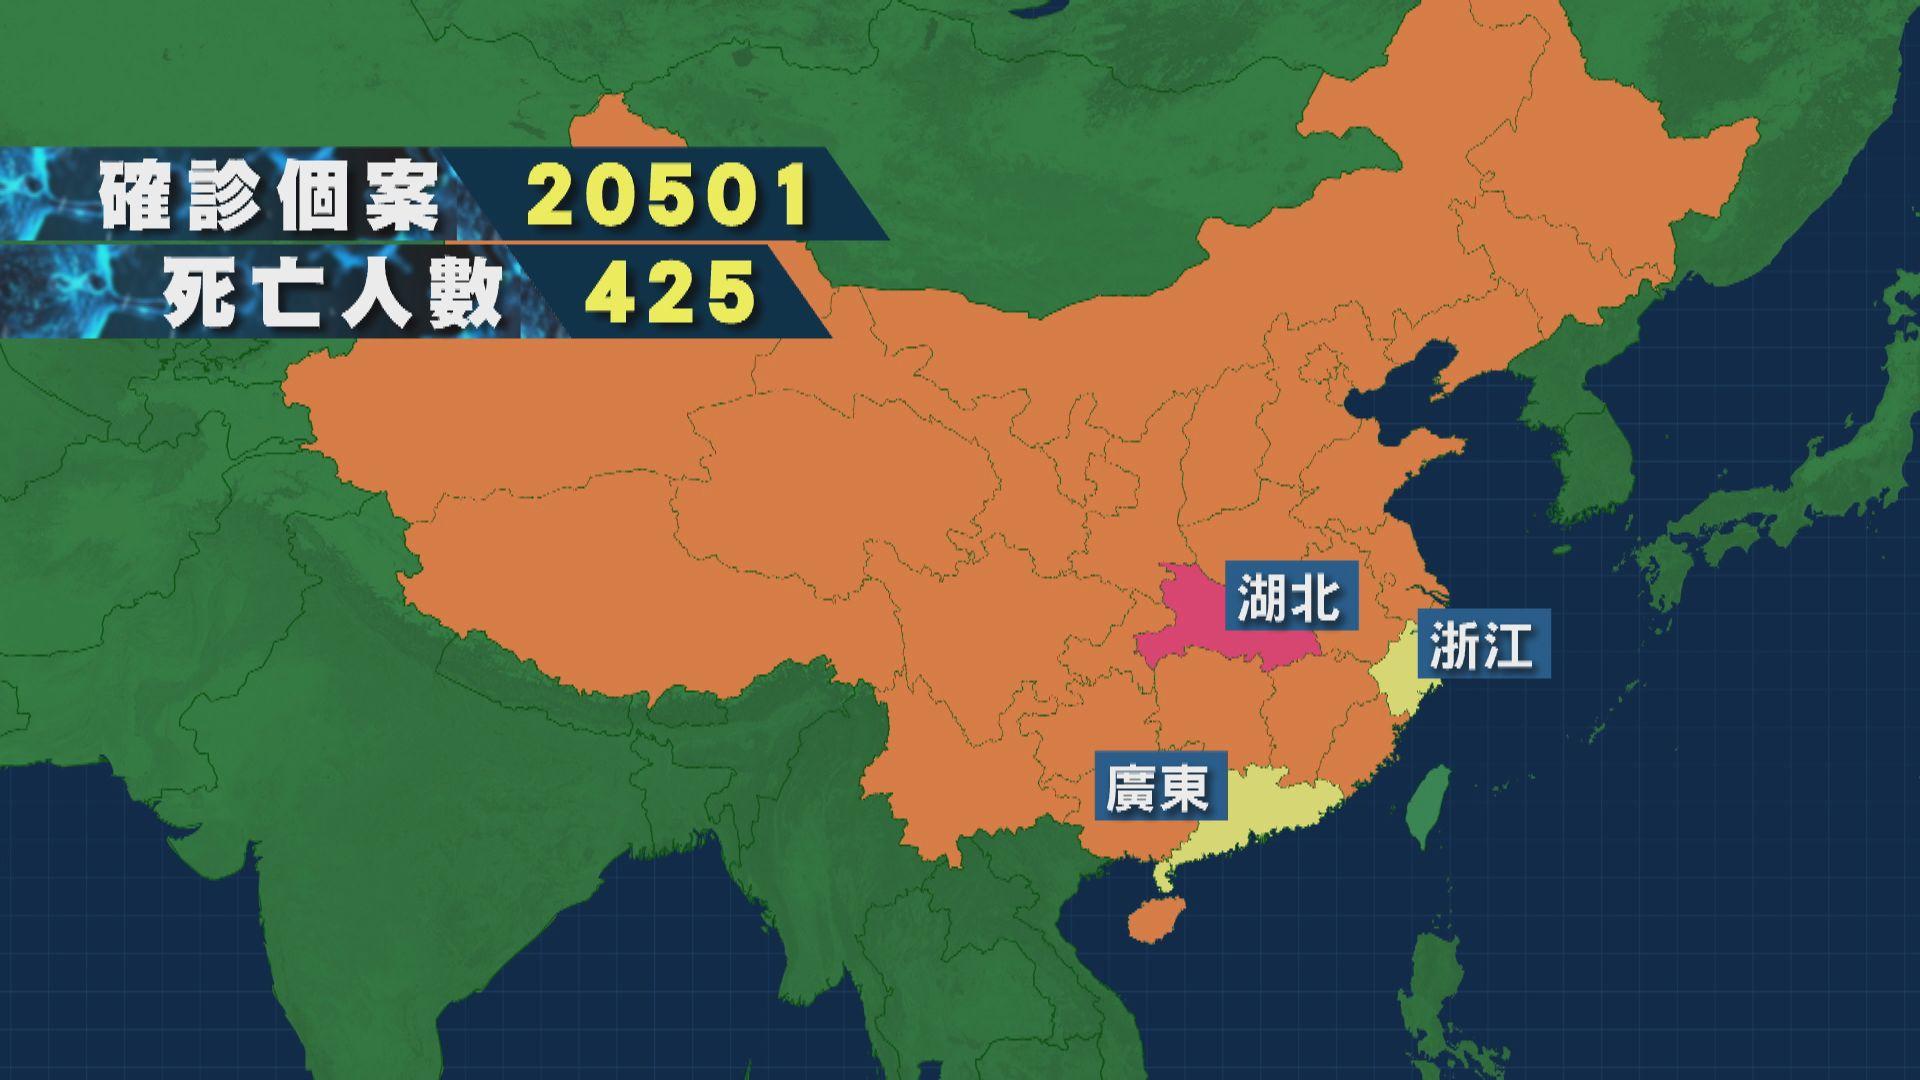 新型冠狀病毒肺炎 內地至今有20501人確診染病